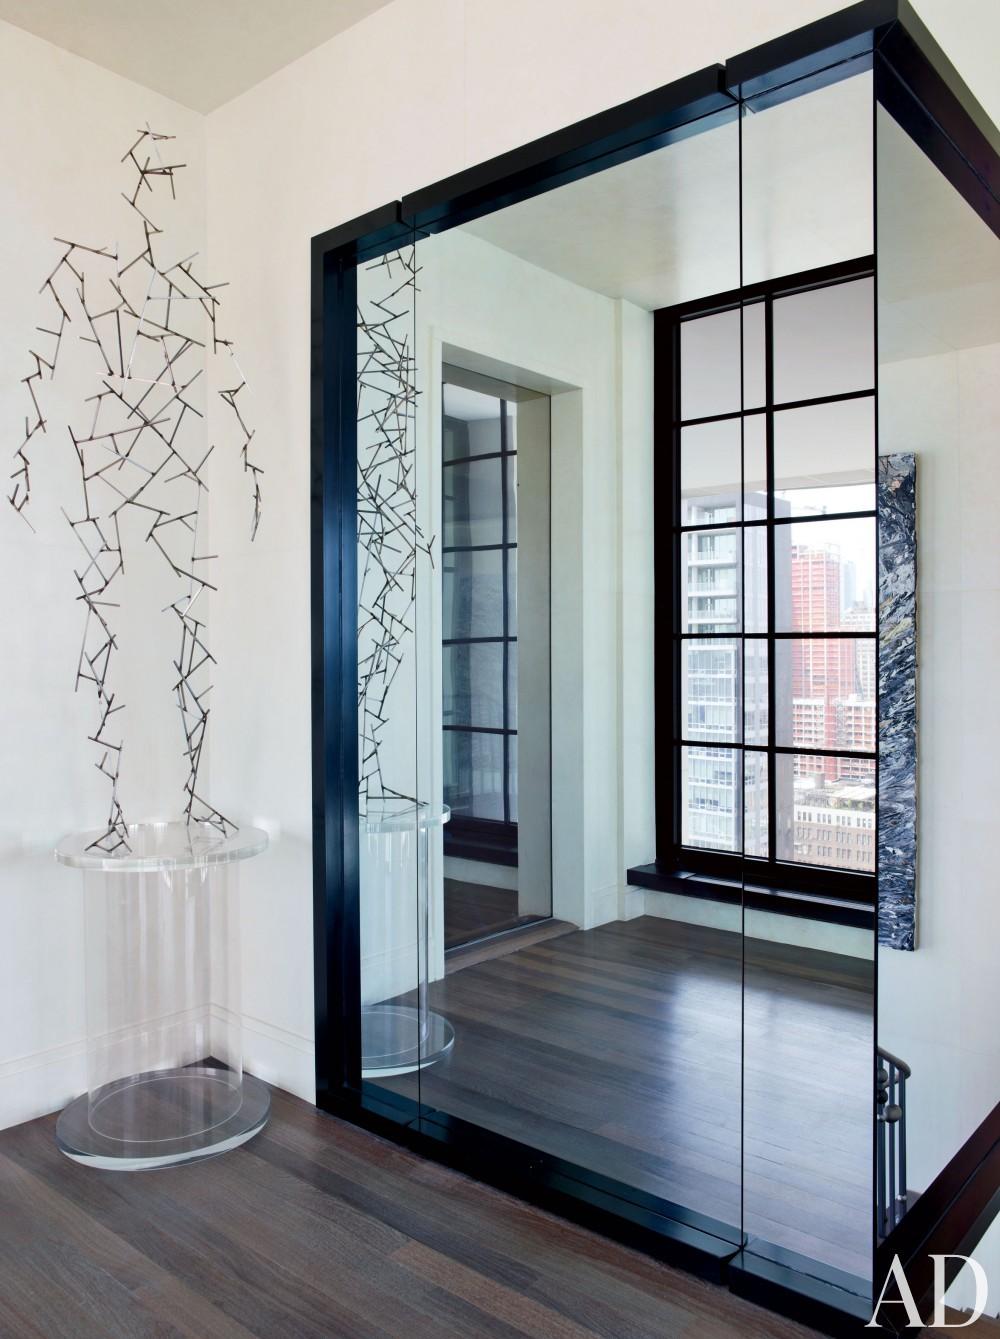 Modern Staircase/Hallway by Jean-Louis Deniot in West Side, Manhattan